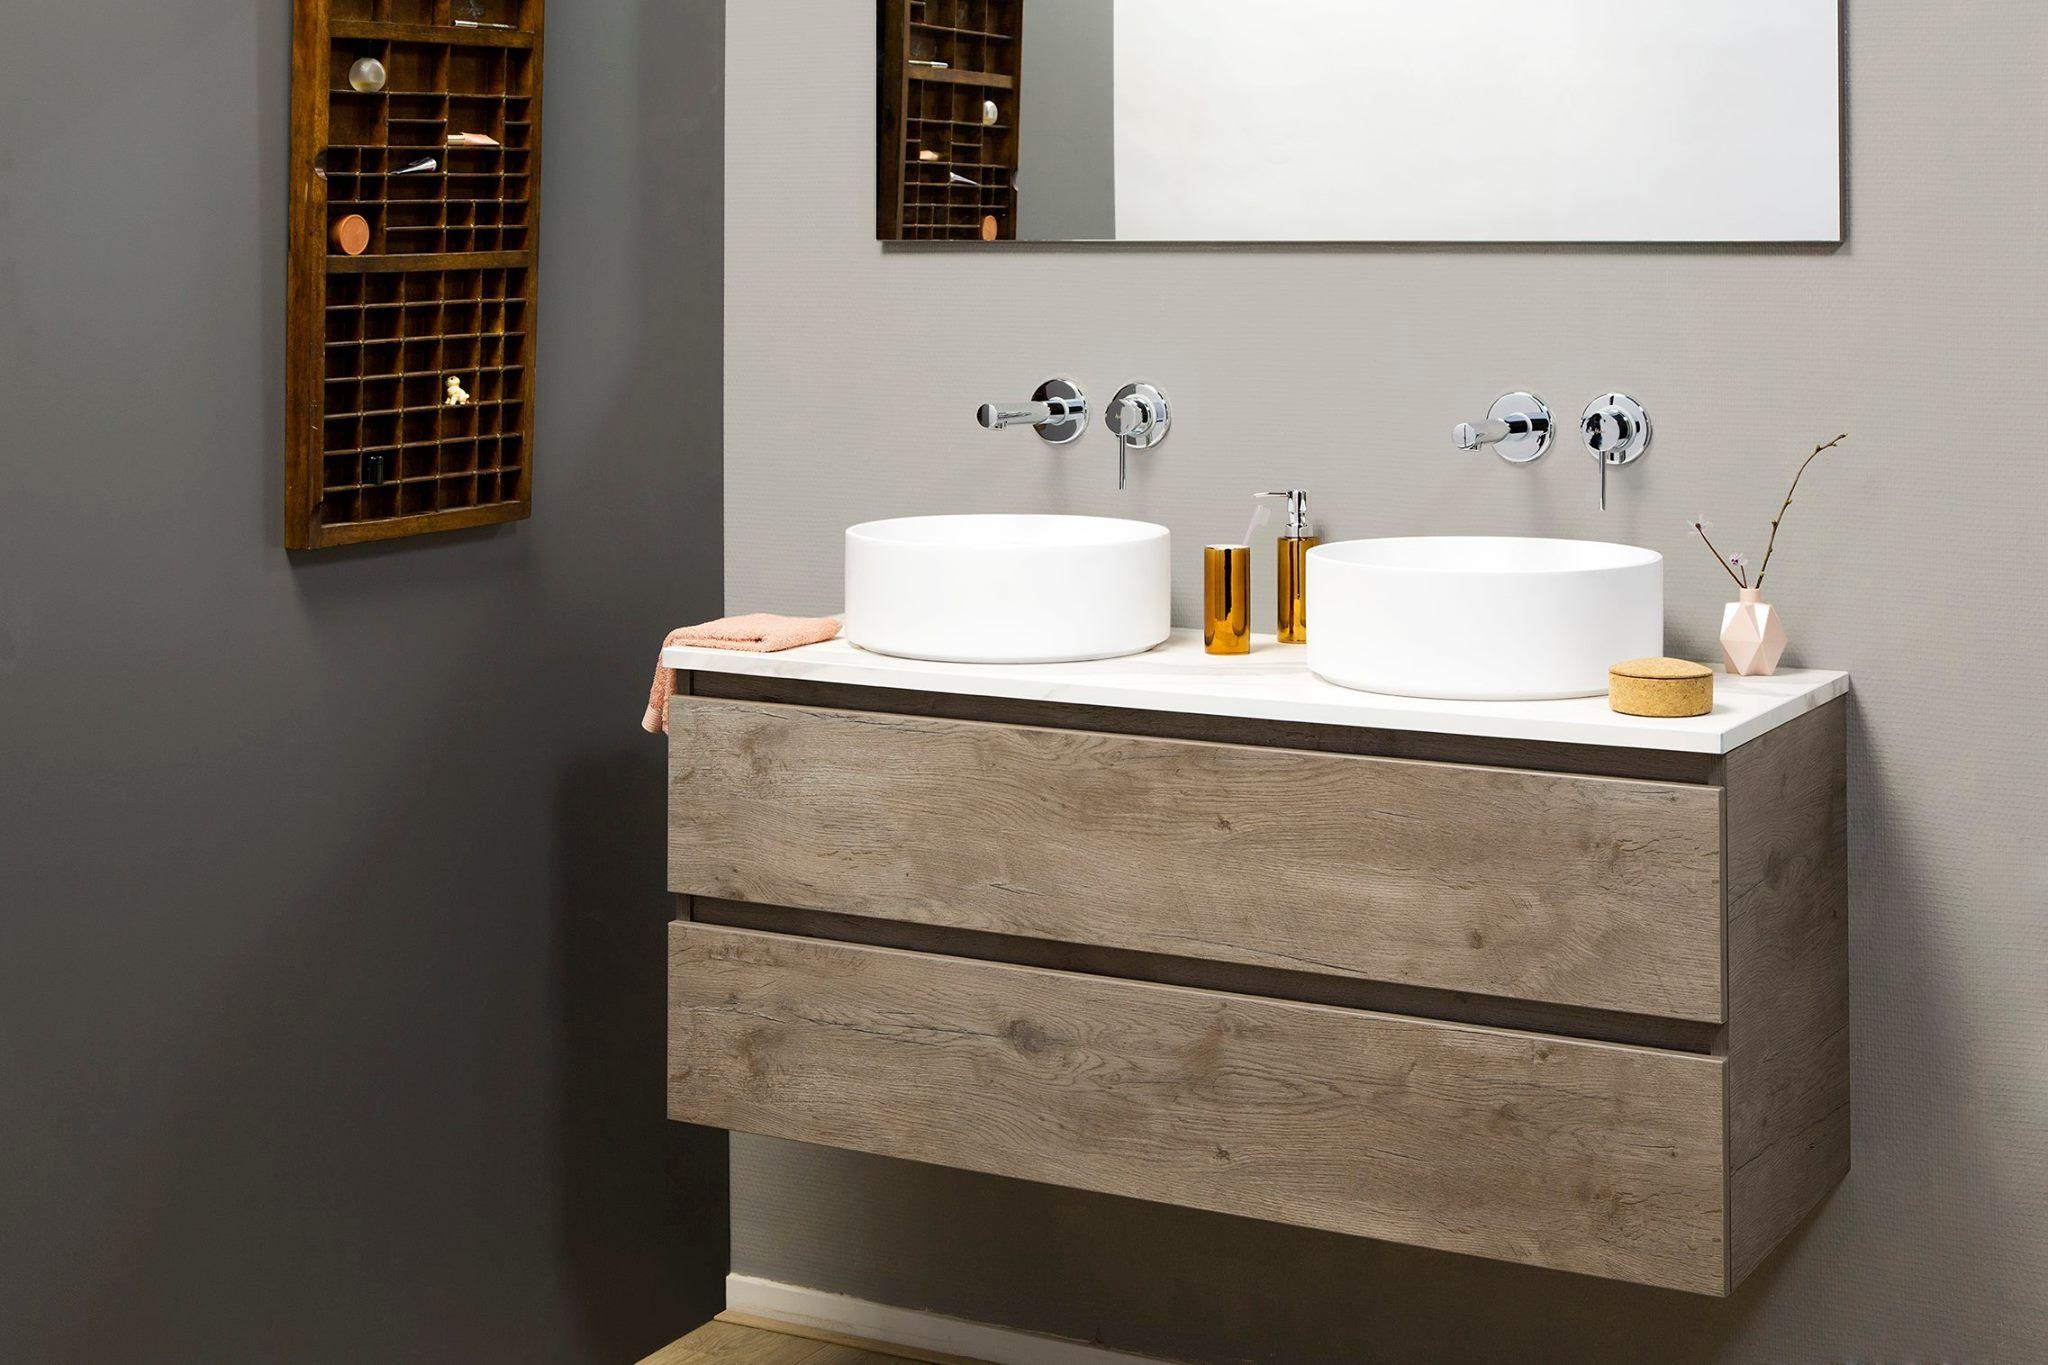 Badkamermeubel Met Kommen : Badkamermeubel met houtlook en opbouwkommen dekker zevenhuizen